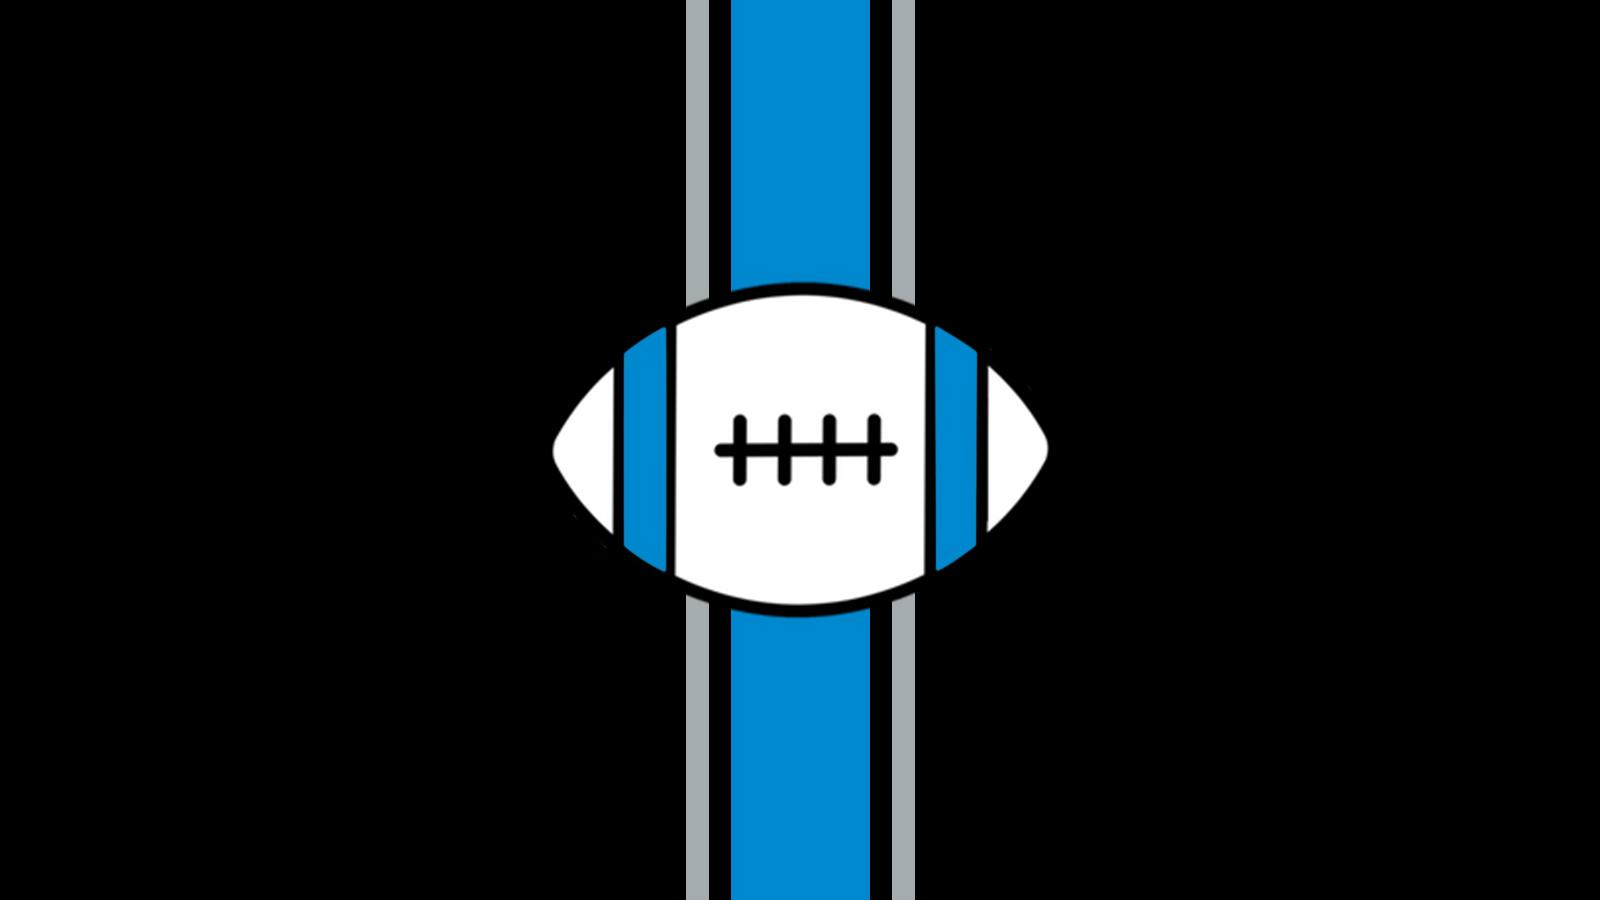 Carolina Panthers Playoff Tickets